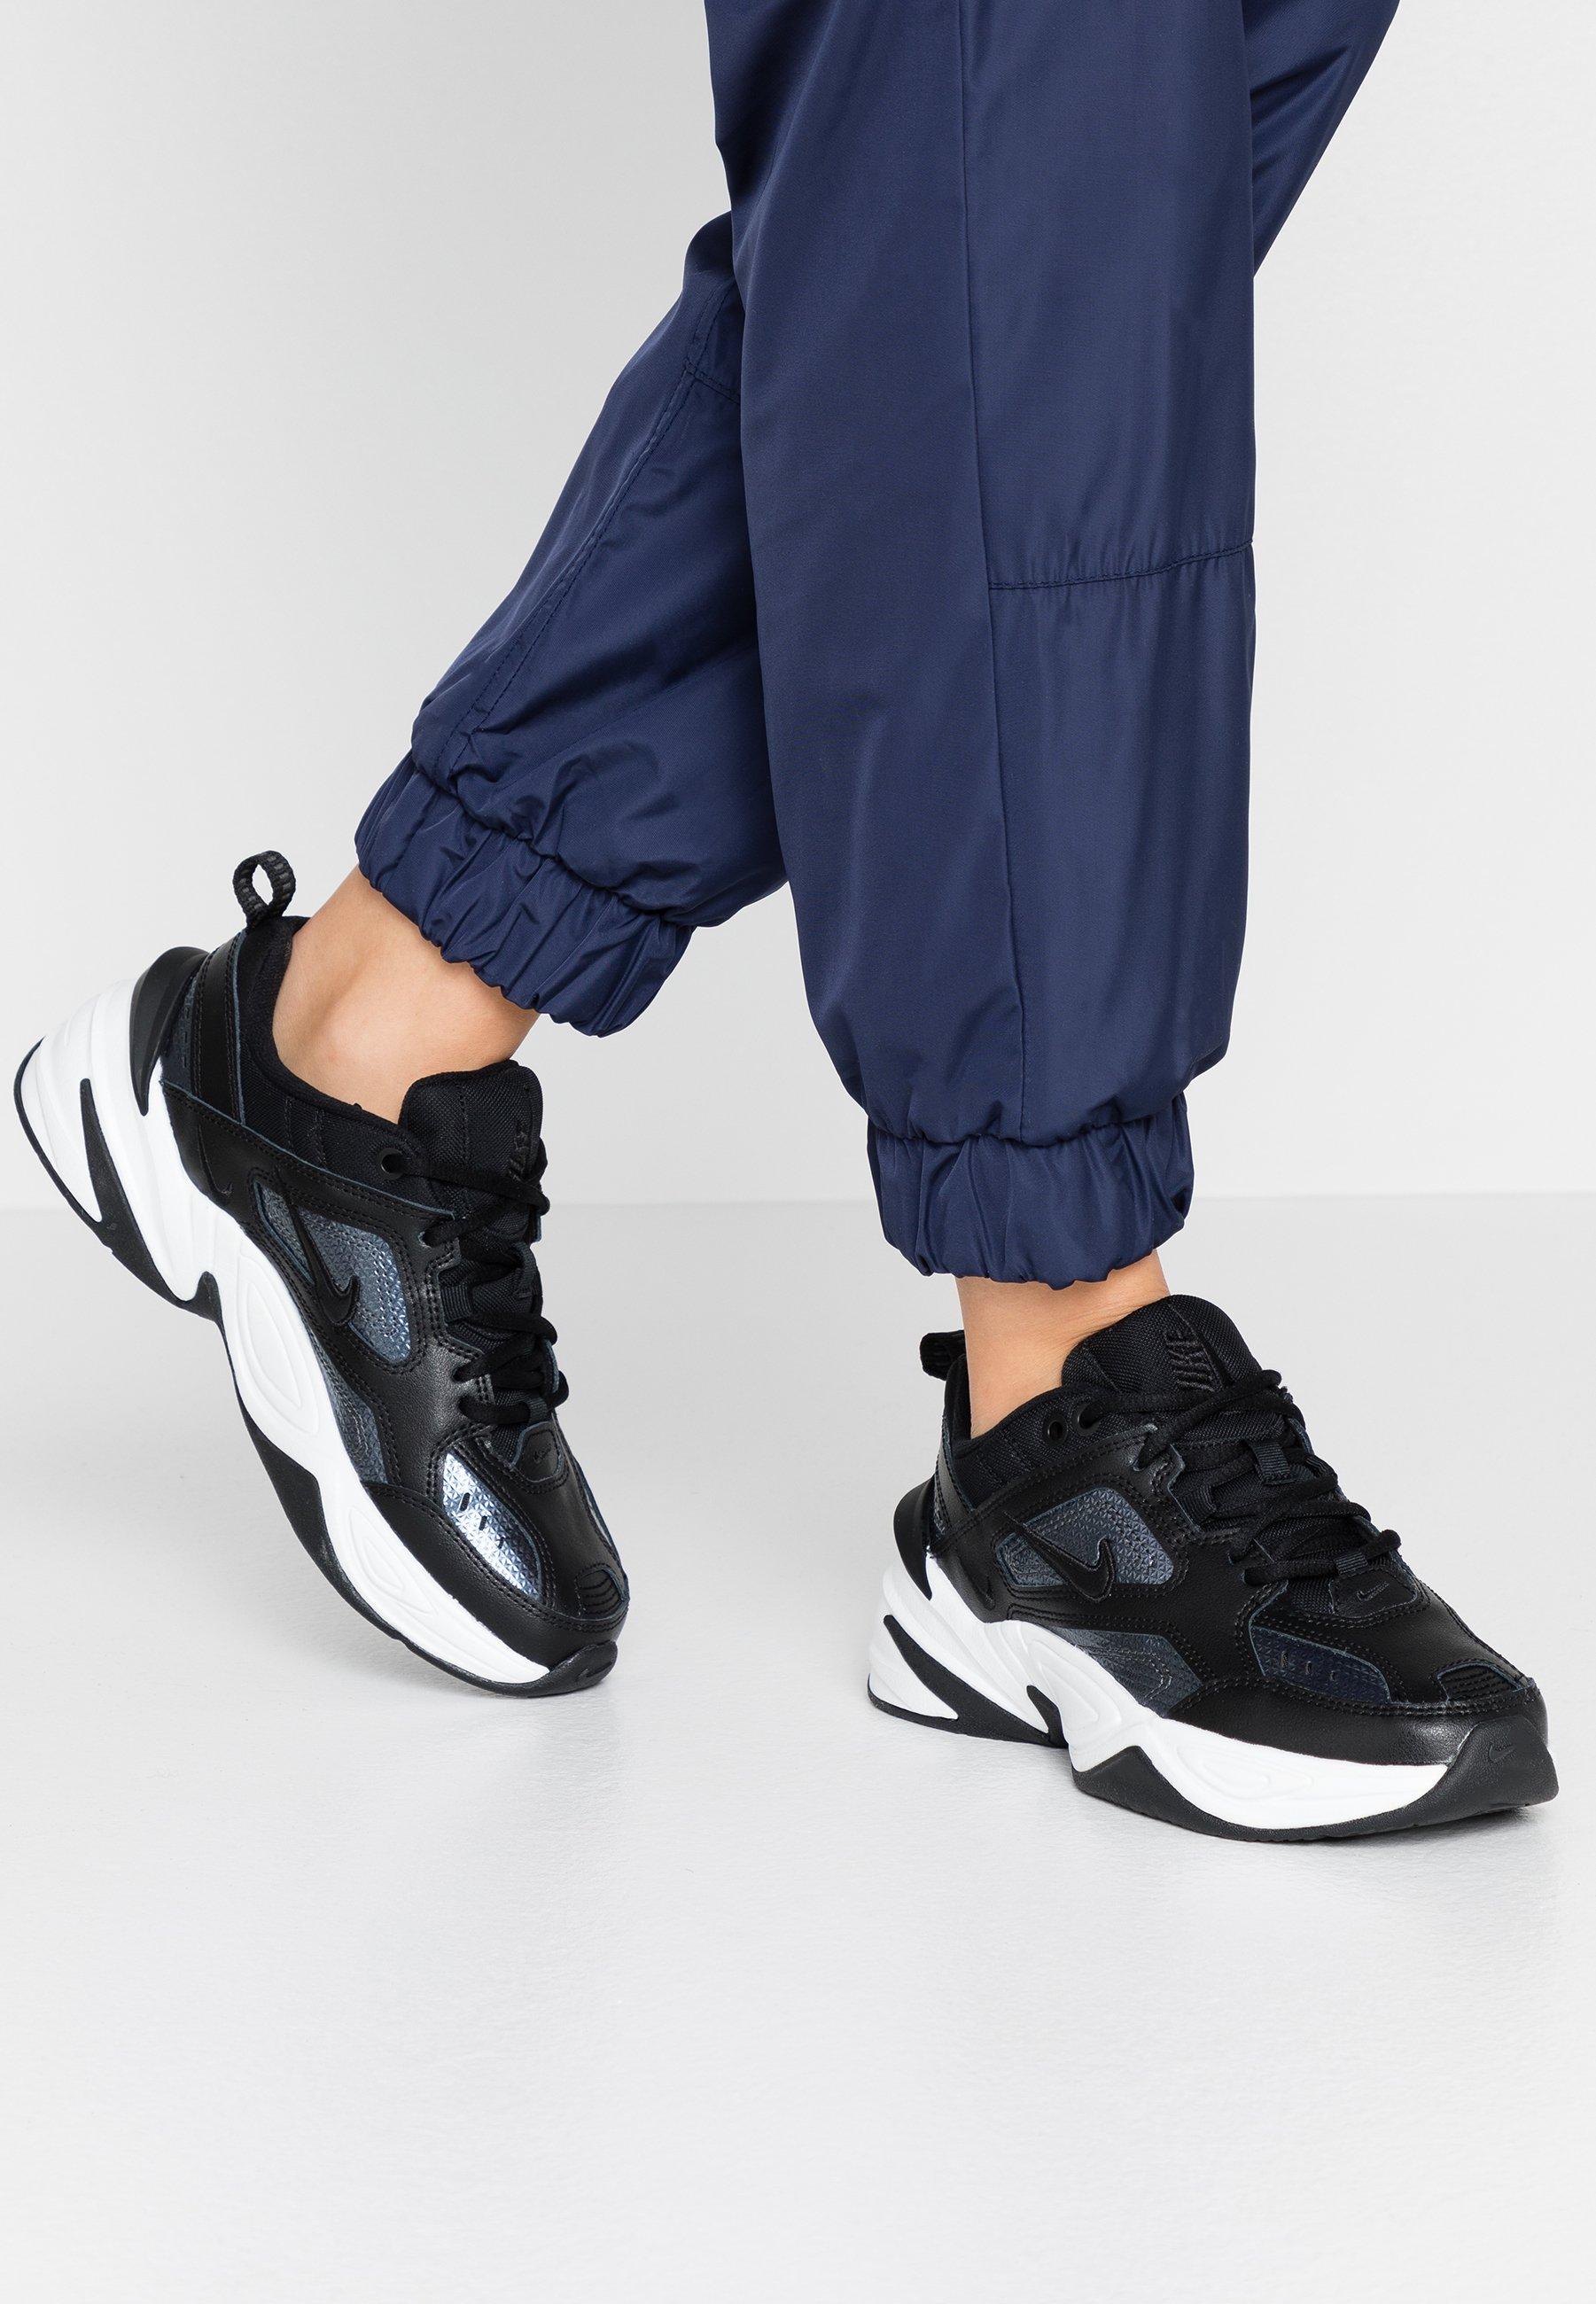 TEKNO Sneakers blackmetalic hematitesummit white